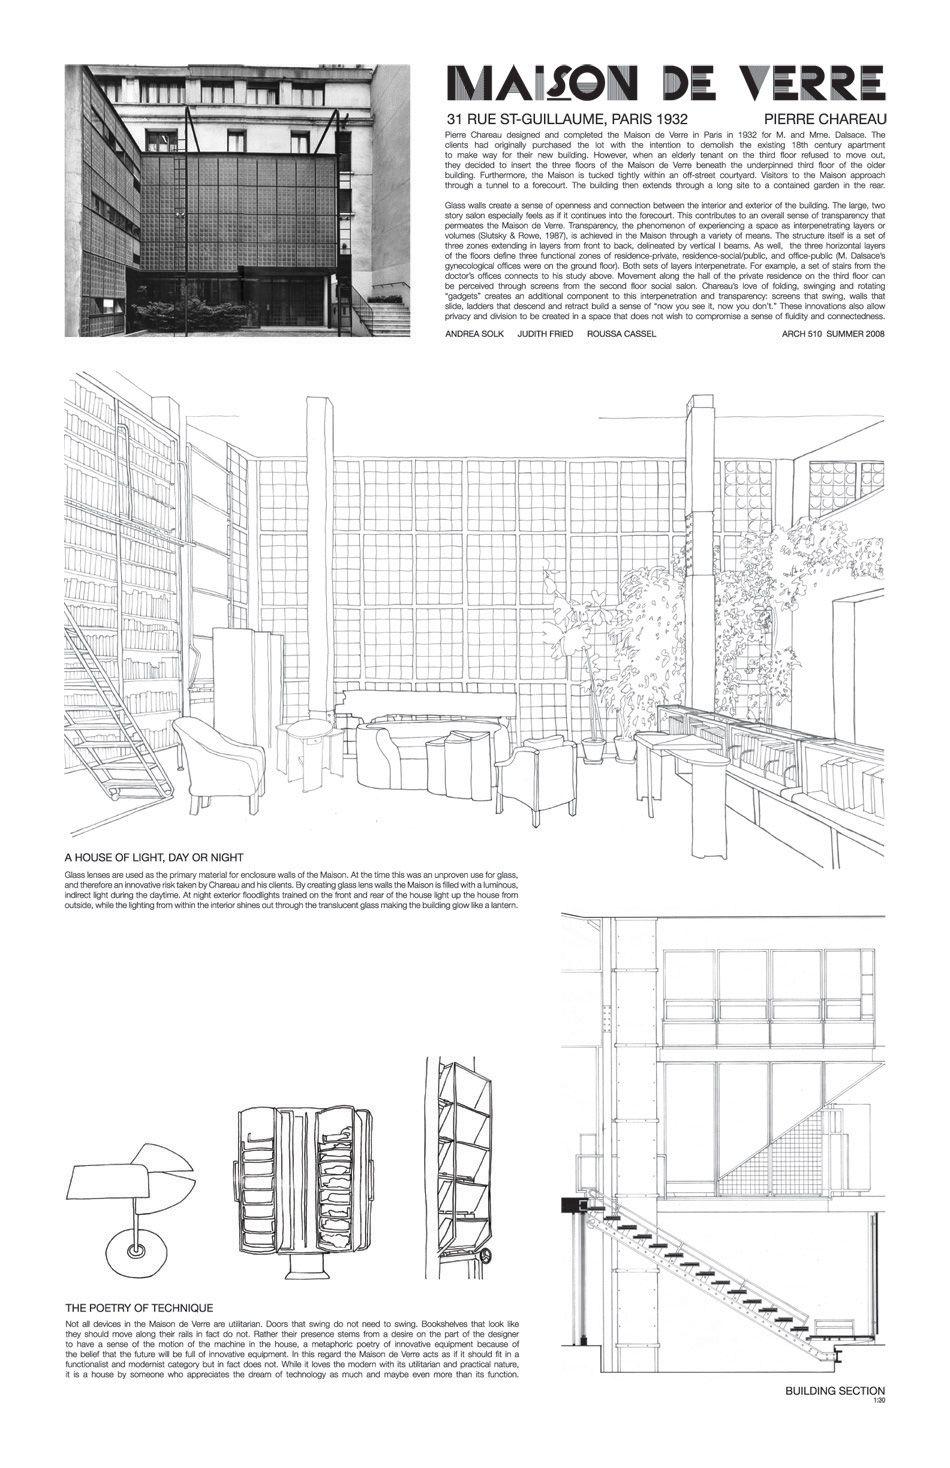 Maison de verre arch pierre chareau 1932